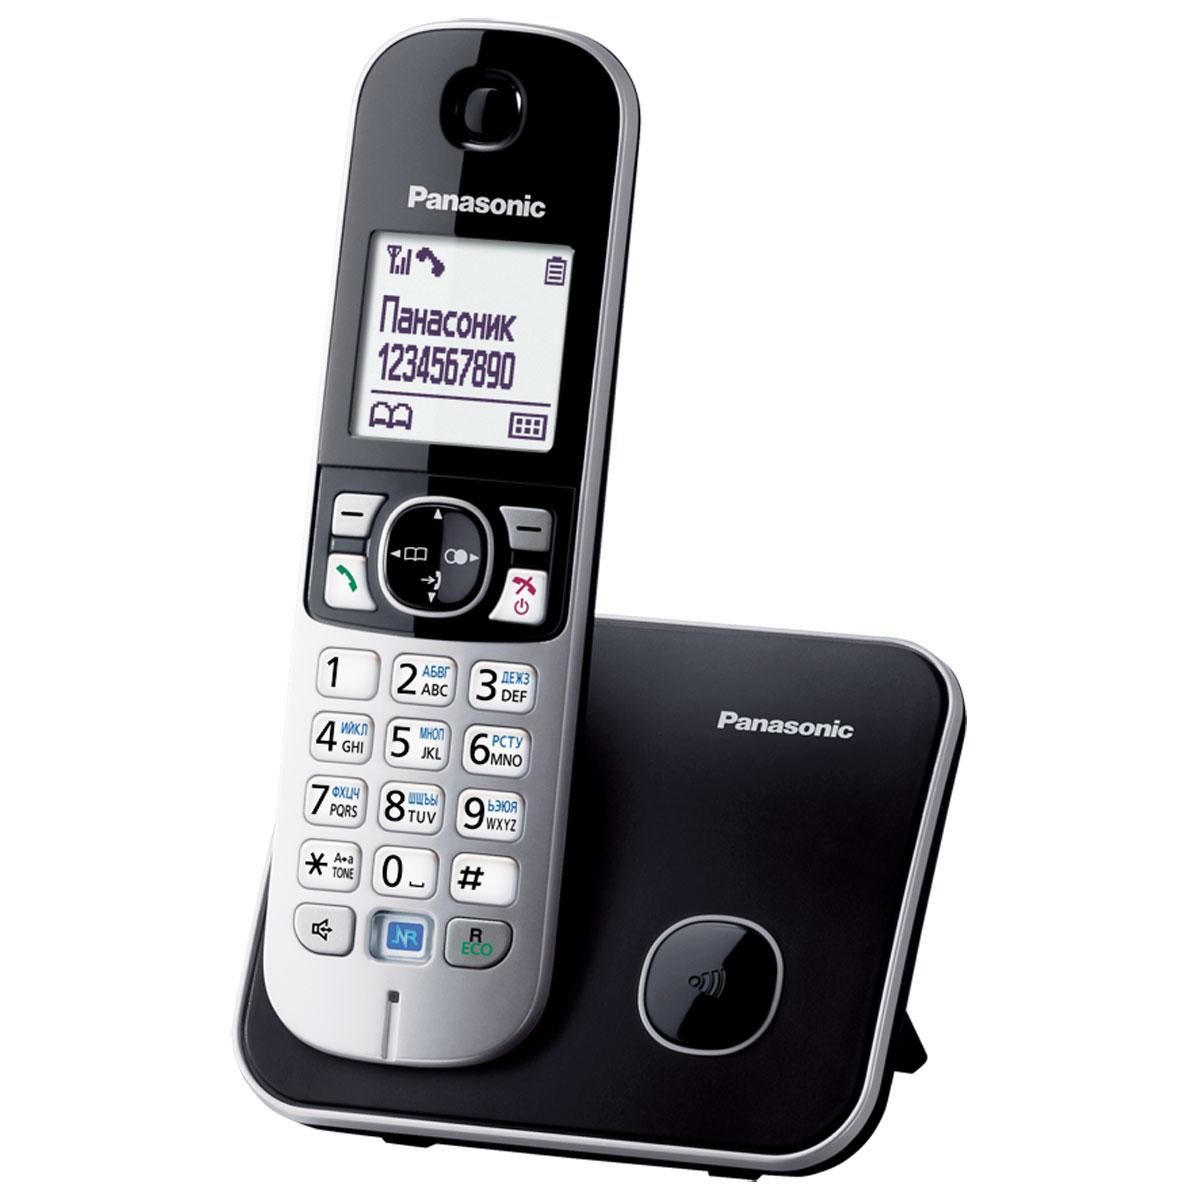 Panasonic KX-TG6811 RUB, Black DECT-телефонKX-TG6811RUBDECT телефон Panasonic KX-TG6811.Функция радионяня - Вы можете осуществлять акустический контроль помещения, например, детской из других комнат в доме - одна трубка устанавливается рядом с ребенком, а вторая у родителей.Снижение фонового шума позволяет улучшить качество связи.